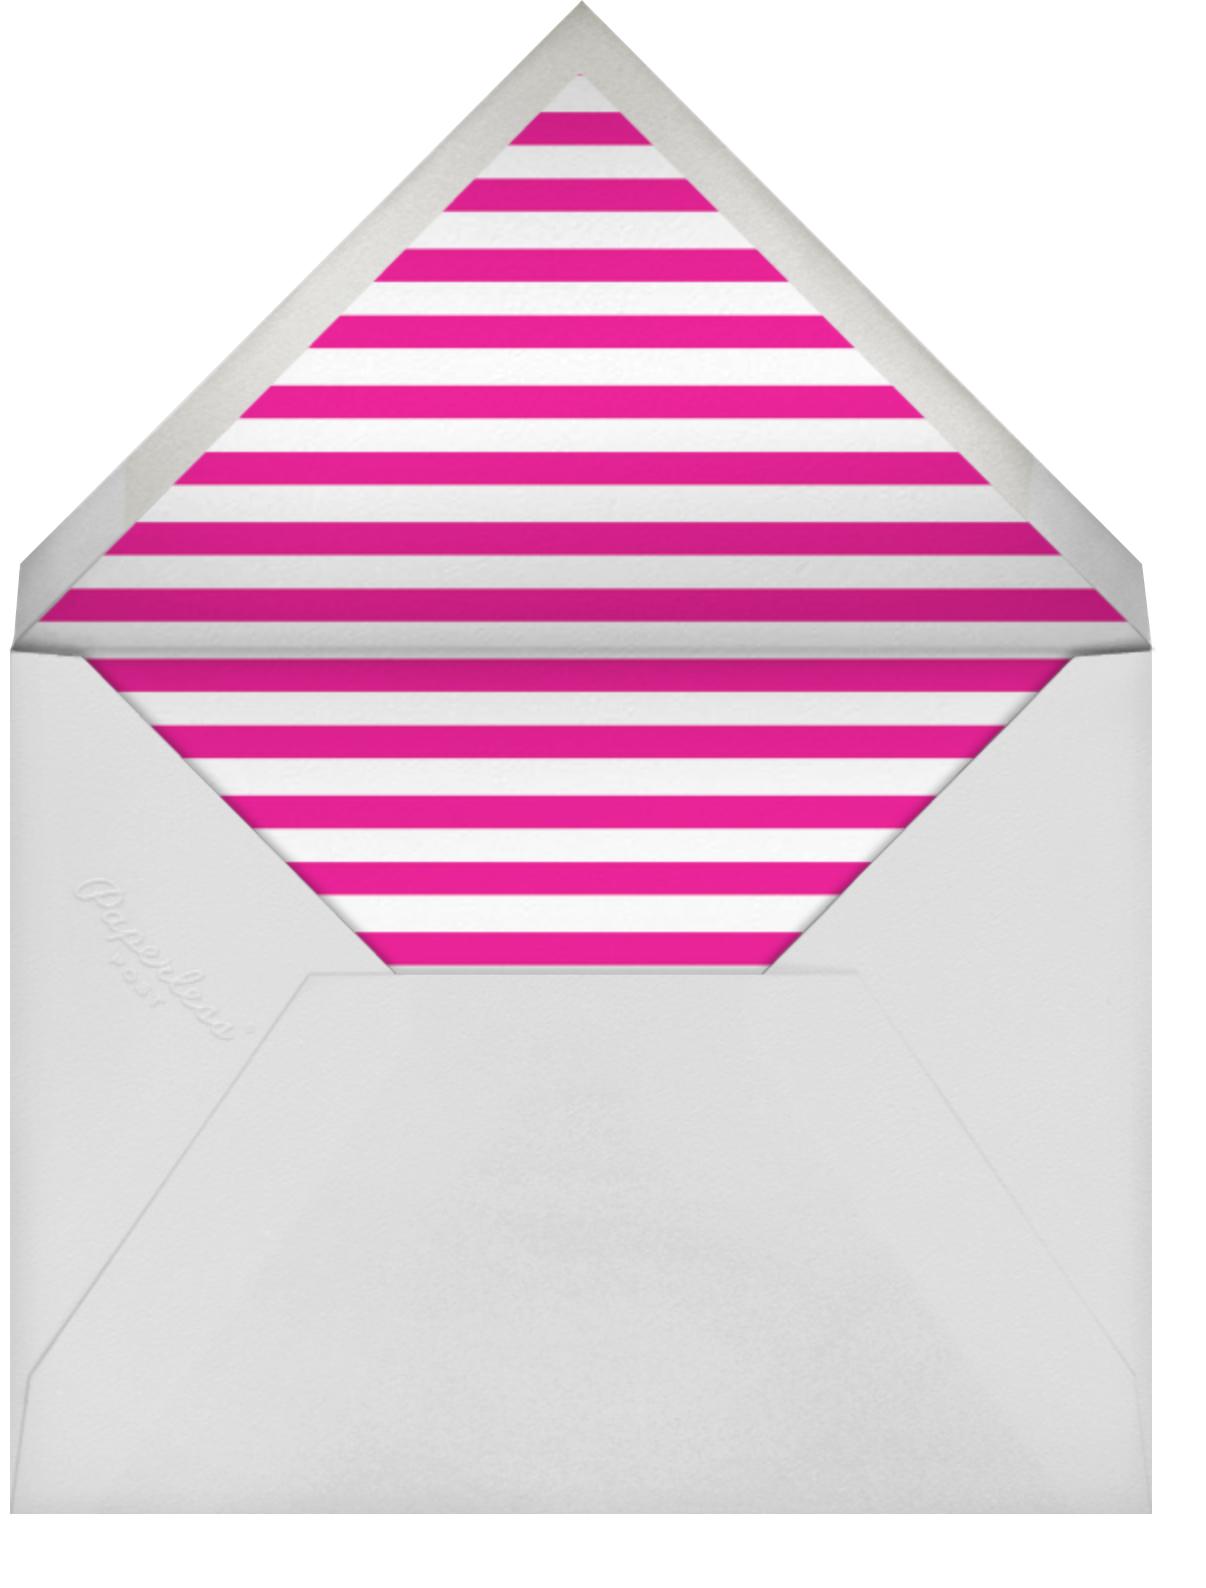 Flamingos - The Indigo Bunting - Bridal shower - envelope back